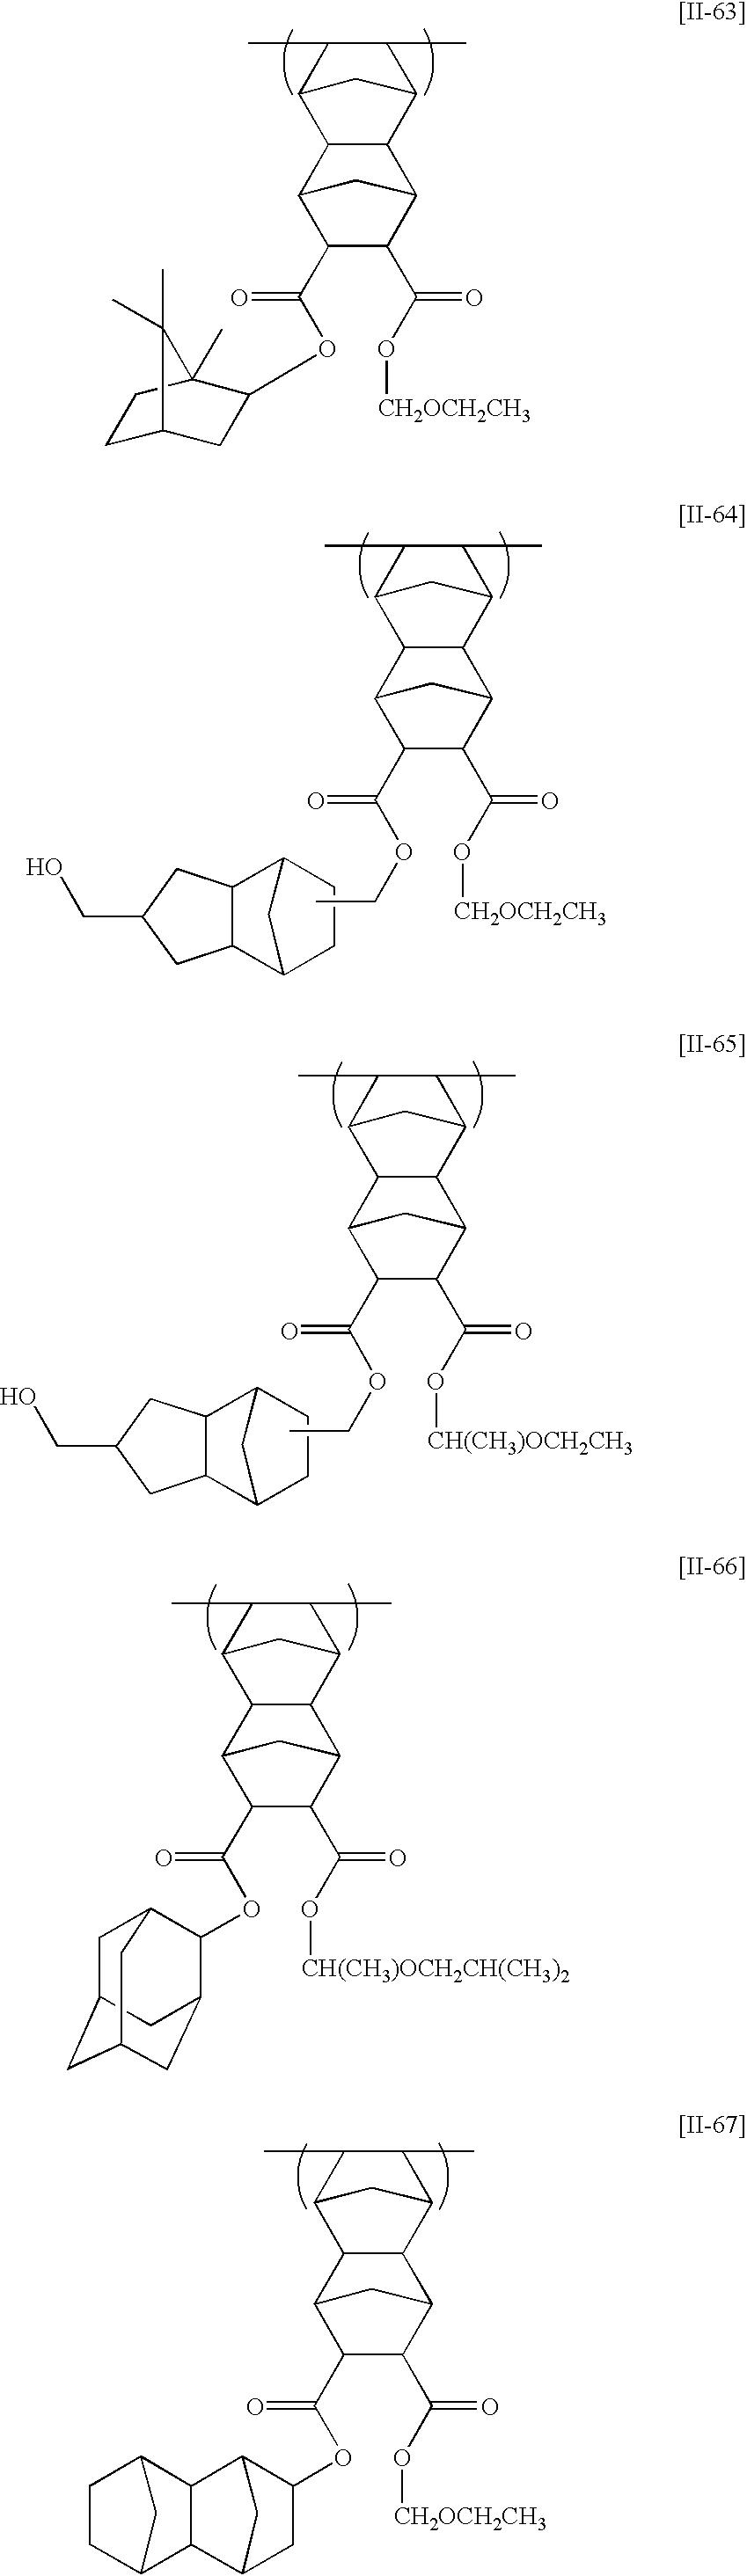 Figure US20030186161A1-20031002-C00069